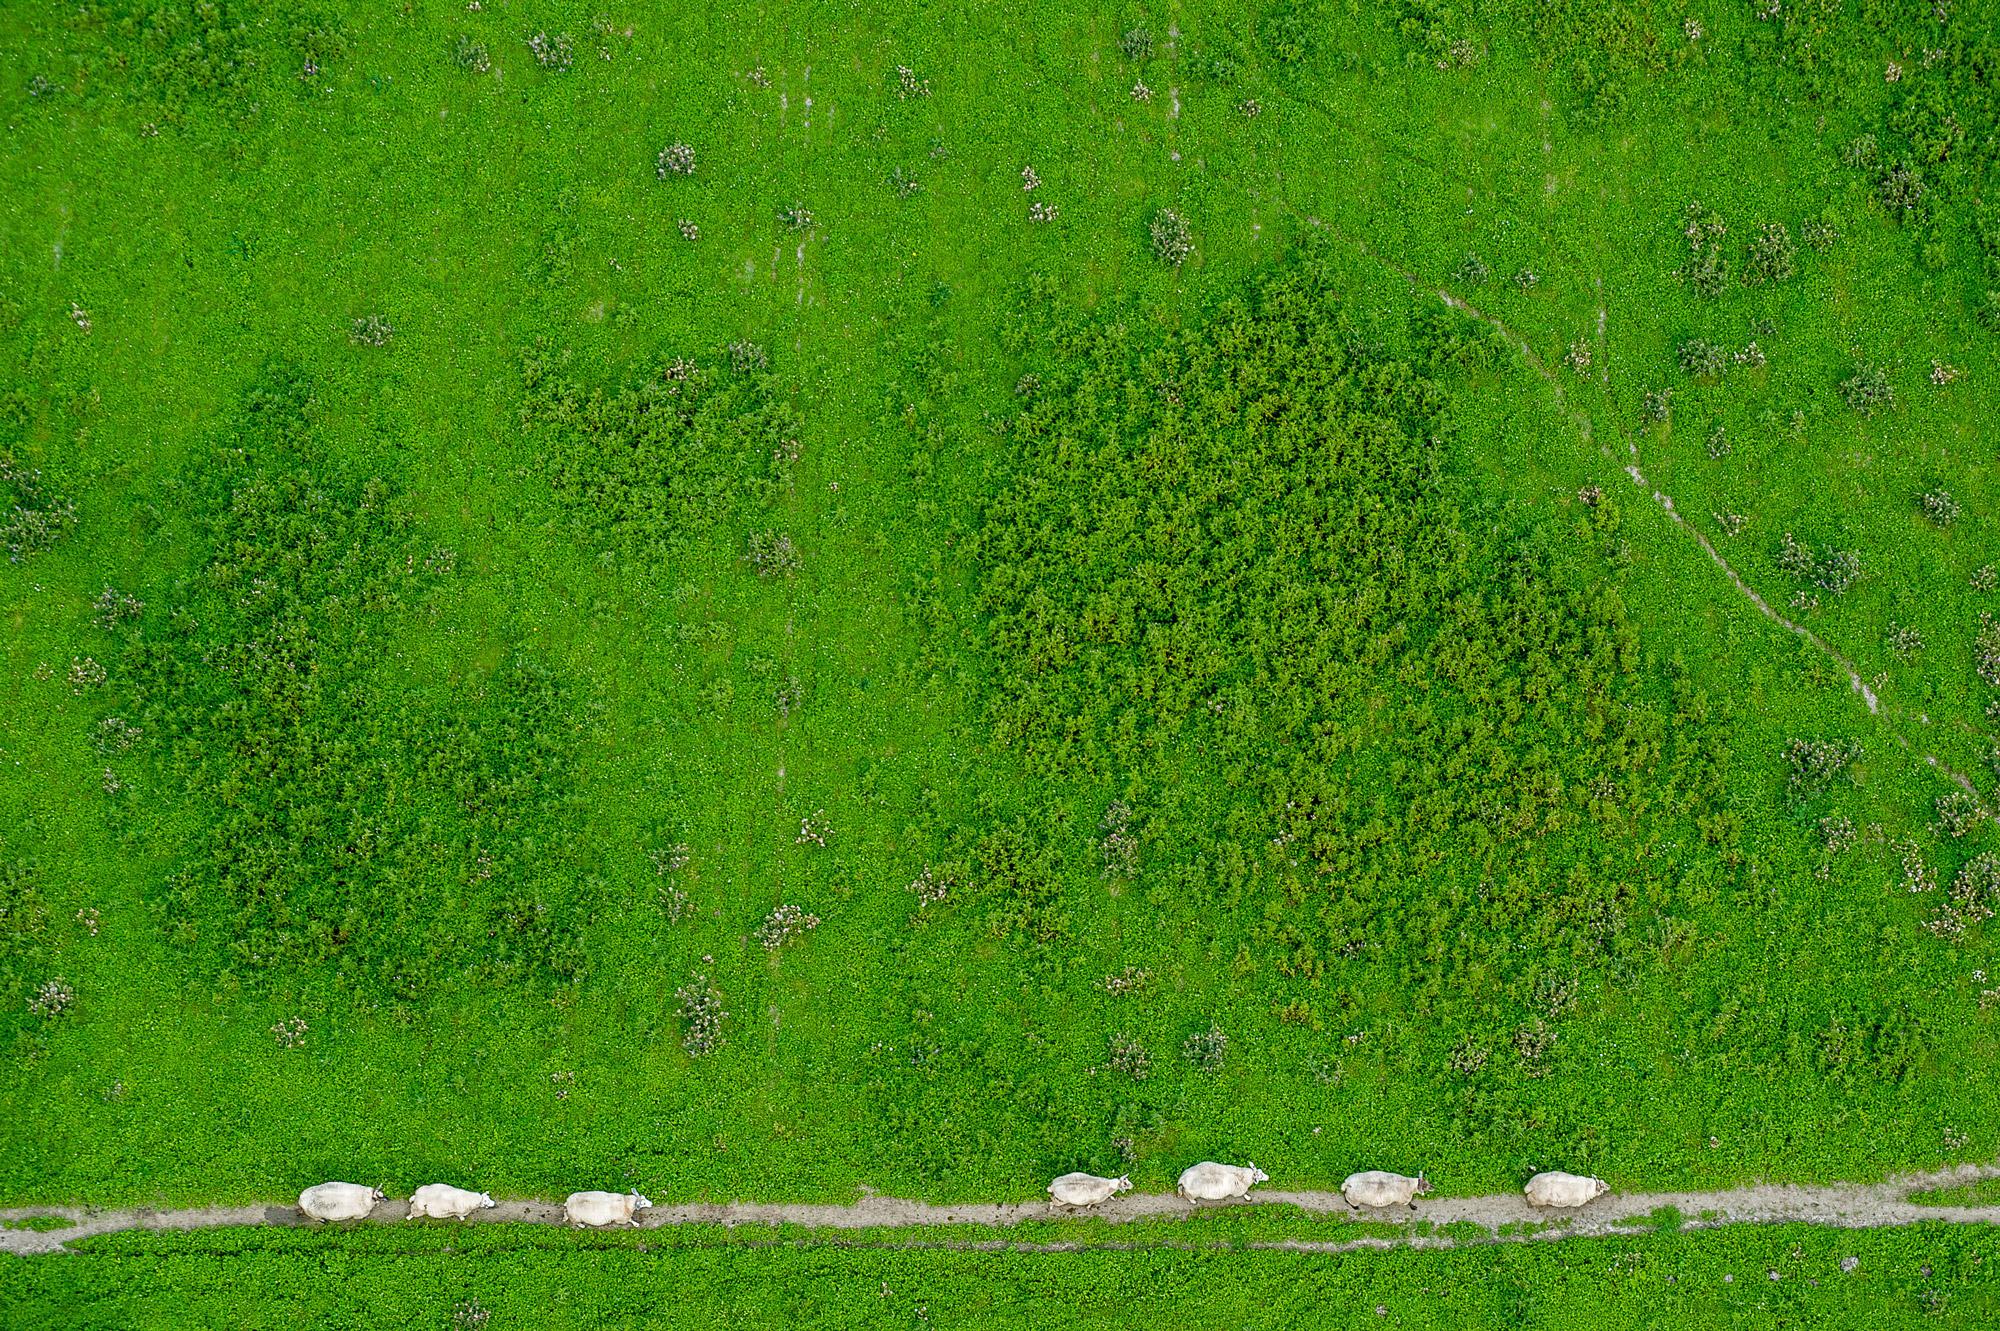 Blick von oben hinunter auf auf eine Herde Kühe